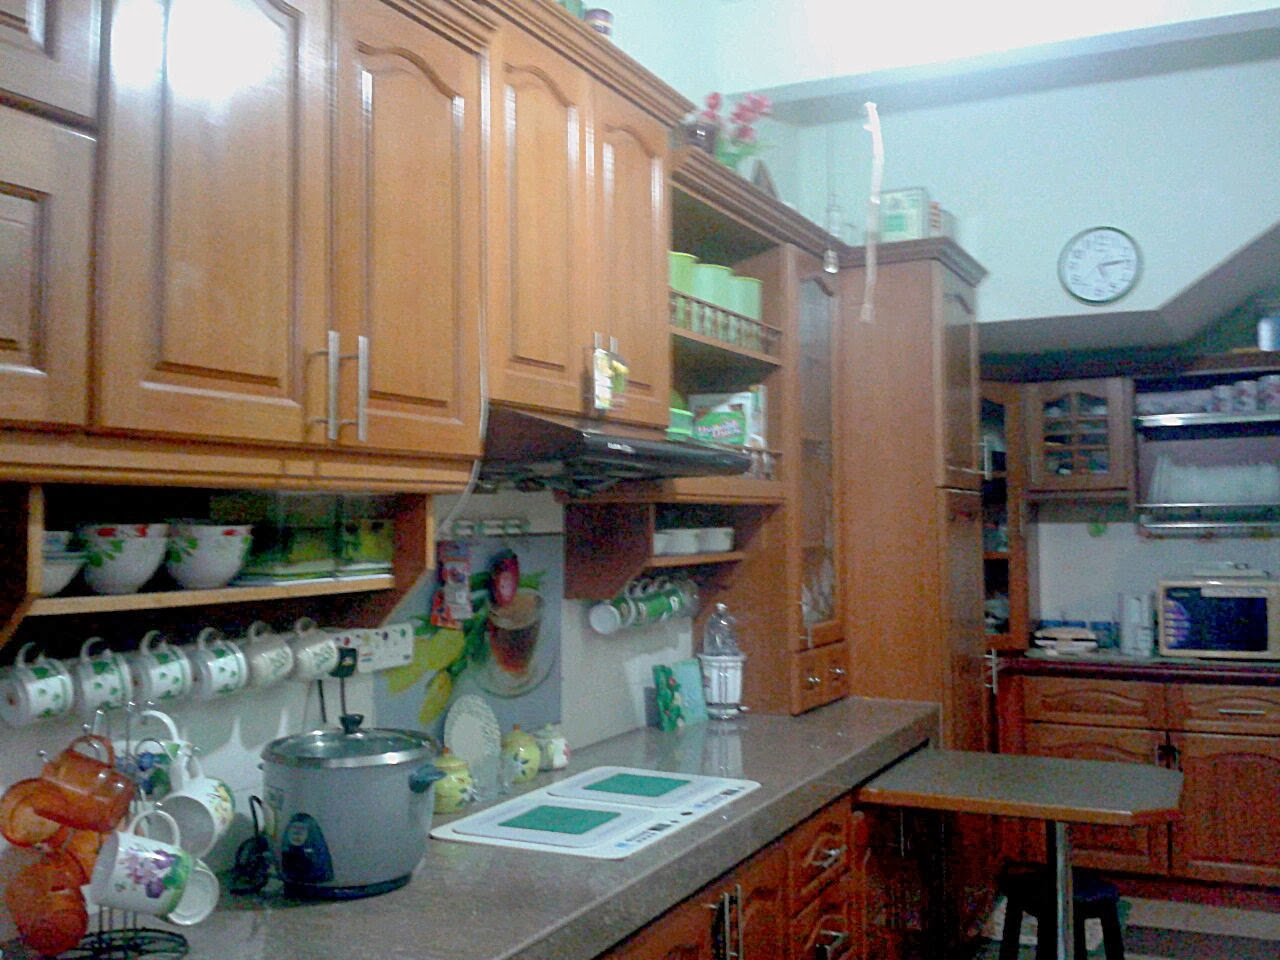 Rencah Kehinku Kemas Dan Hijaukan Dapur